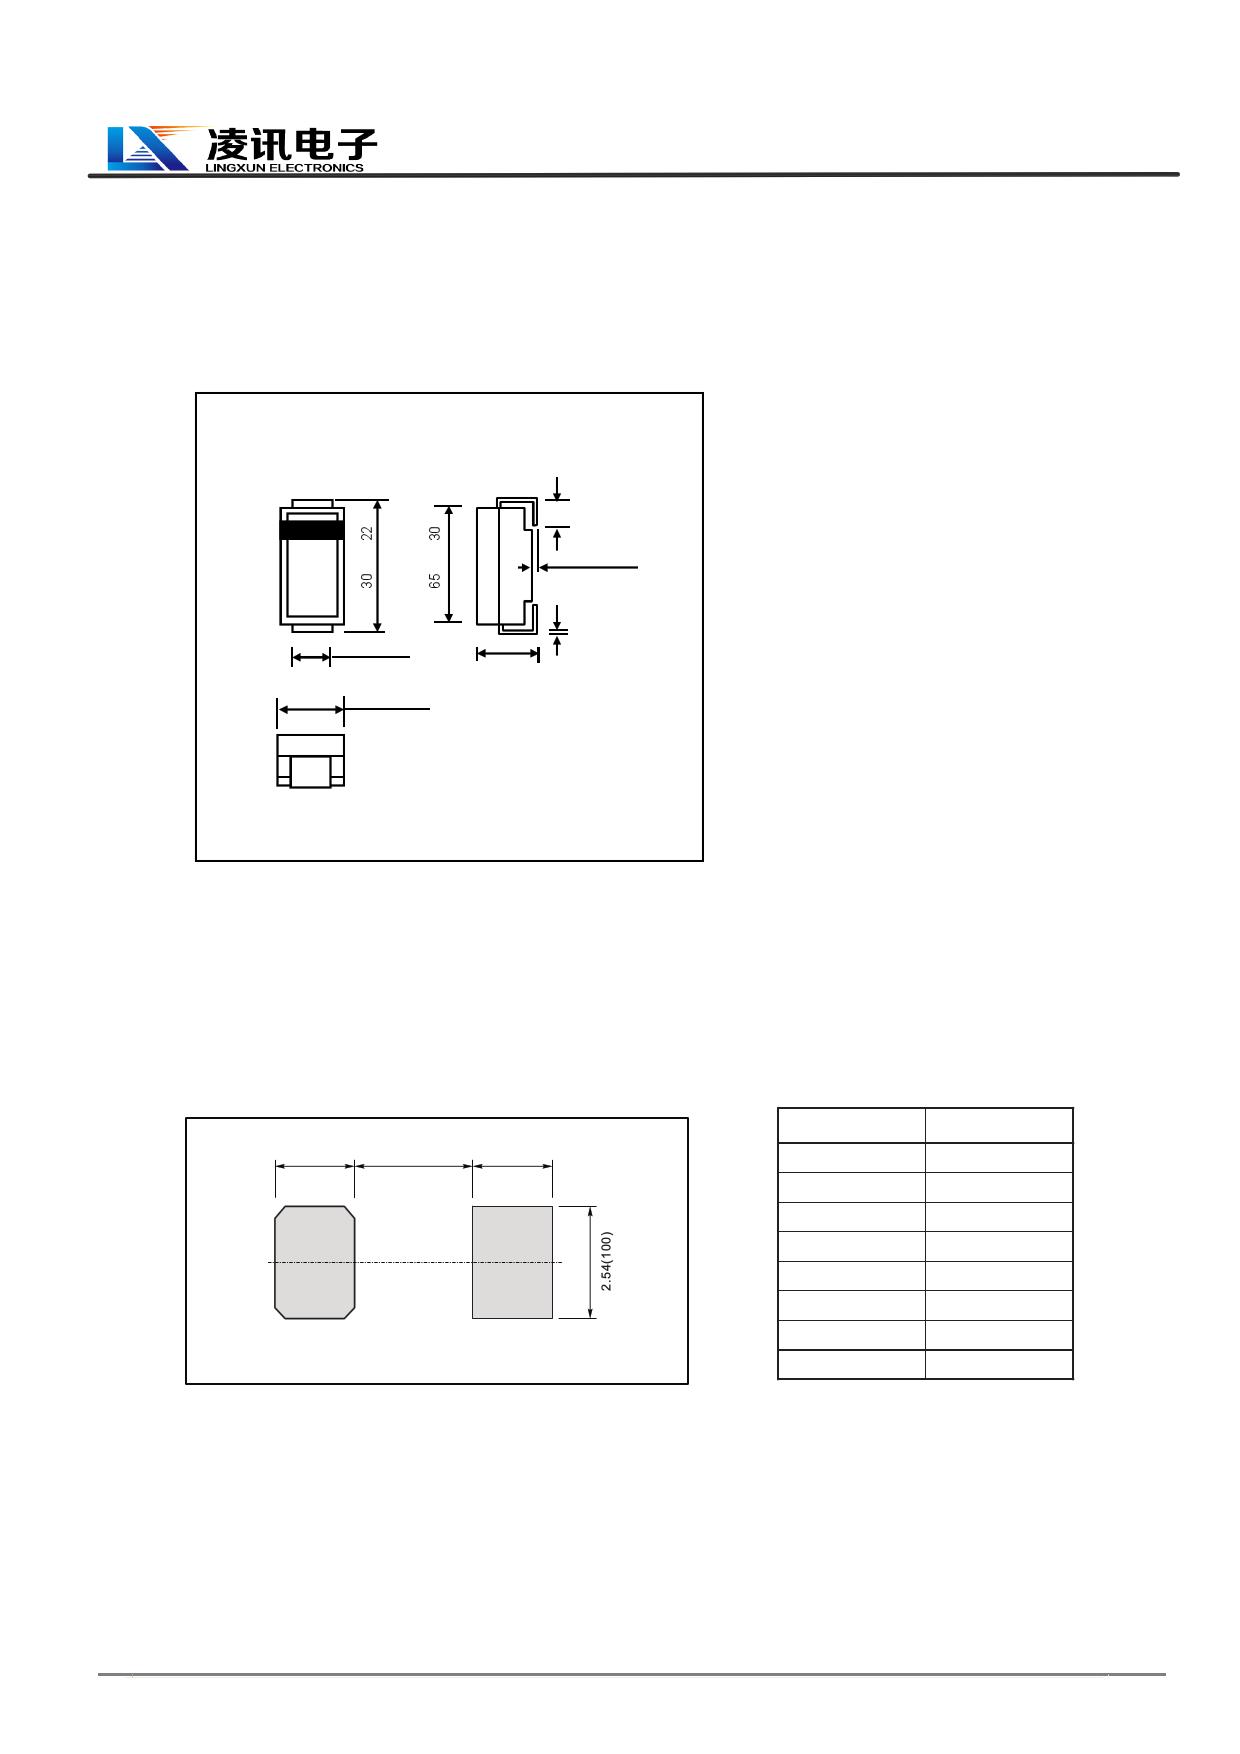 SS54B pdf, ピン配列